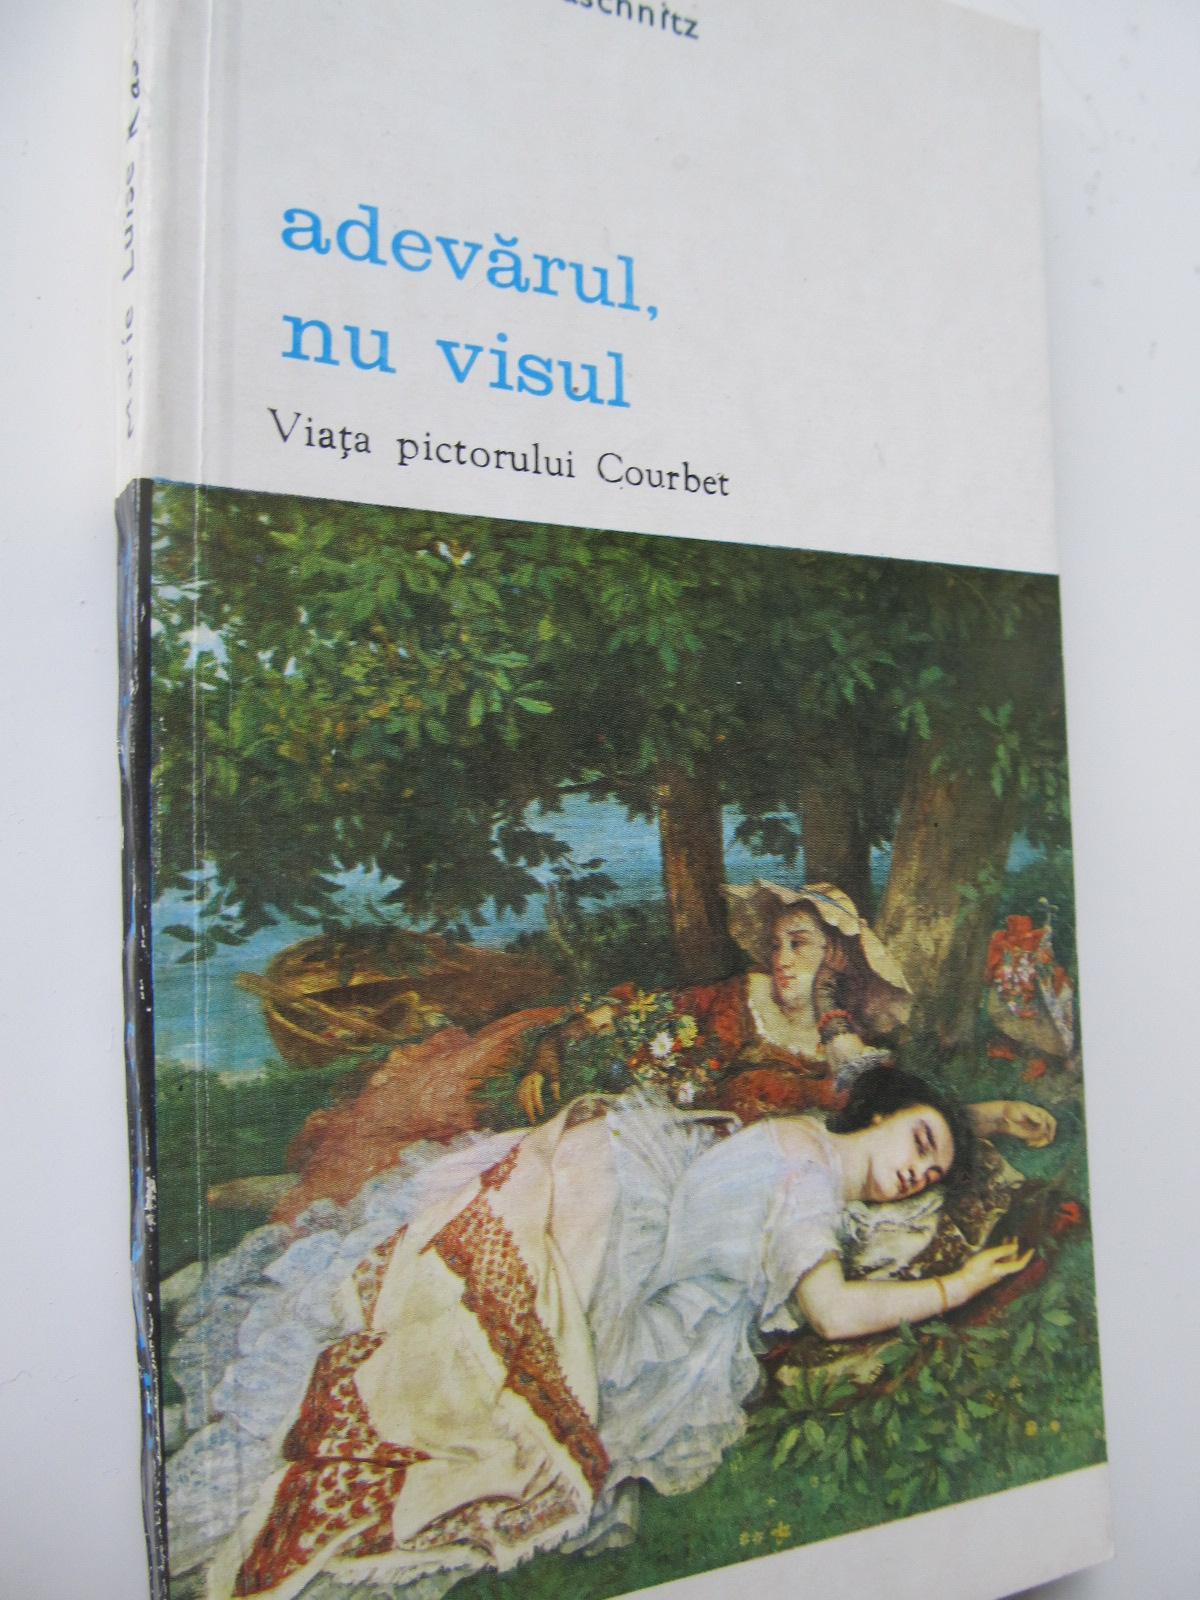 Adevarul nu visul - Viata pictorului Courbet - Marie Luise Kaschnitz | Detalii carte